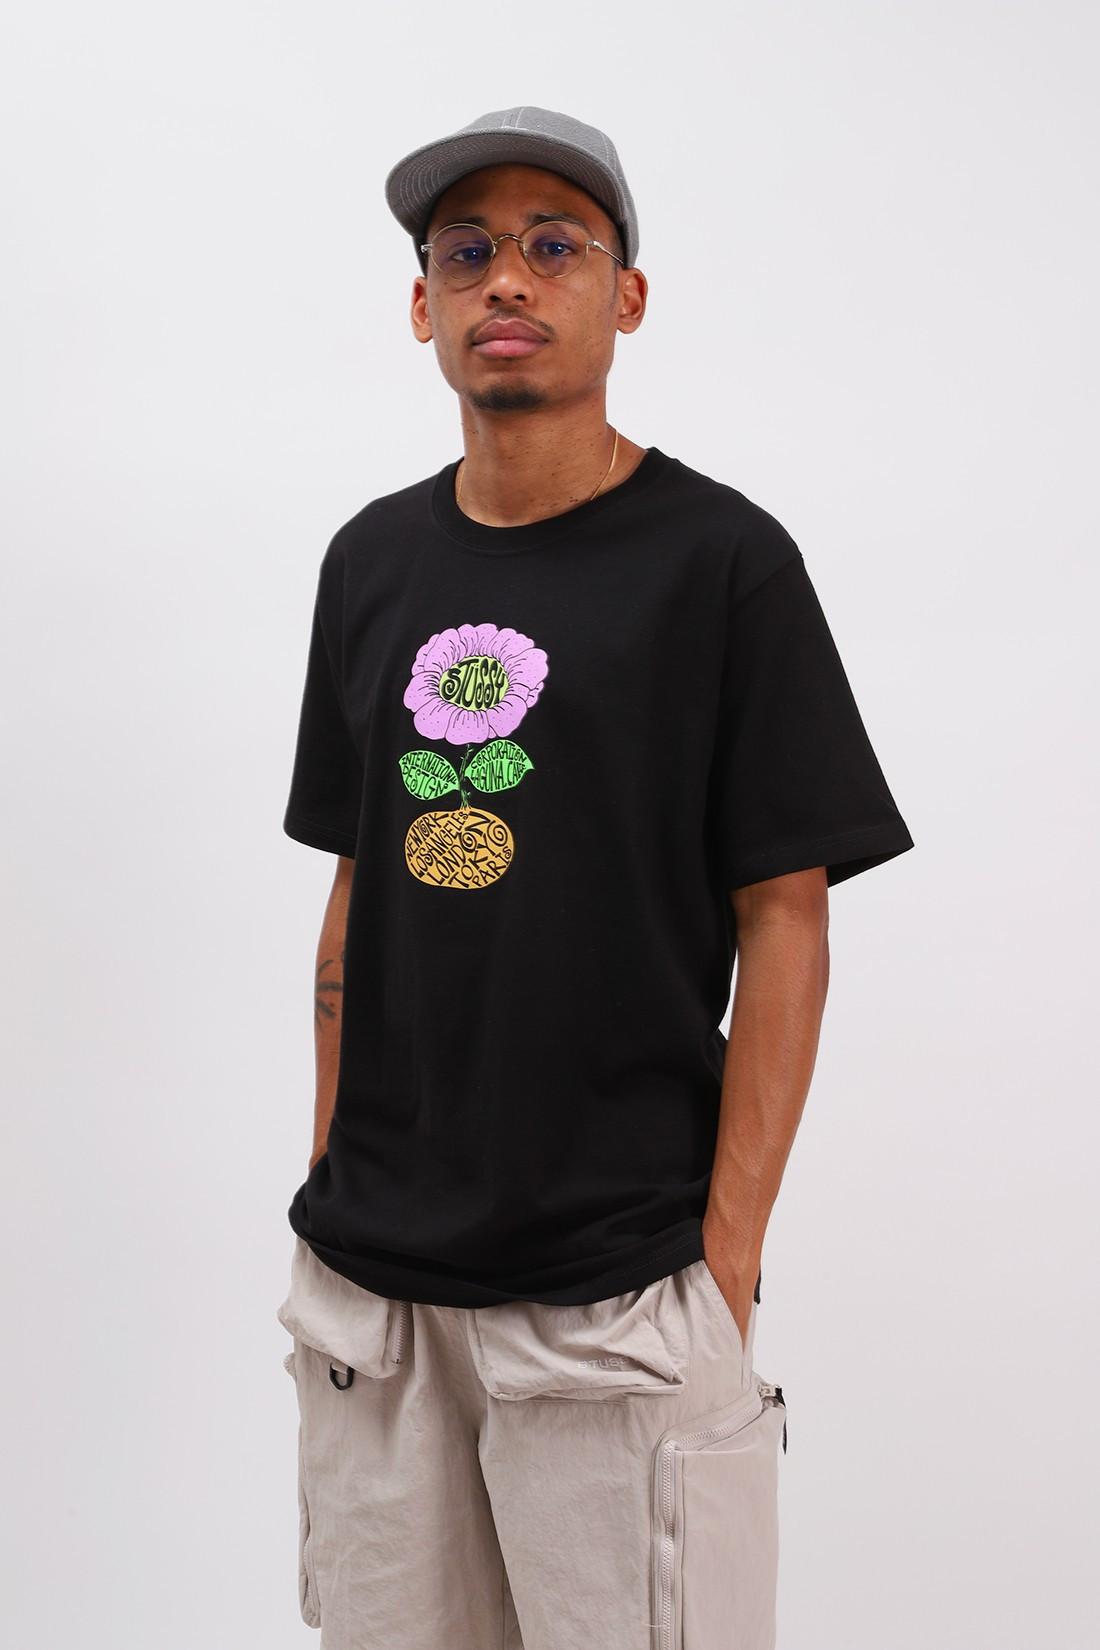 STUSSY / Sunflower tee Black